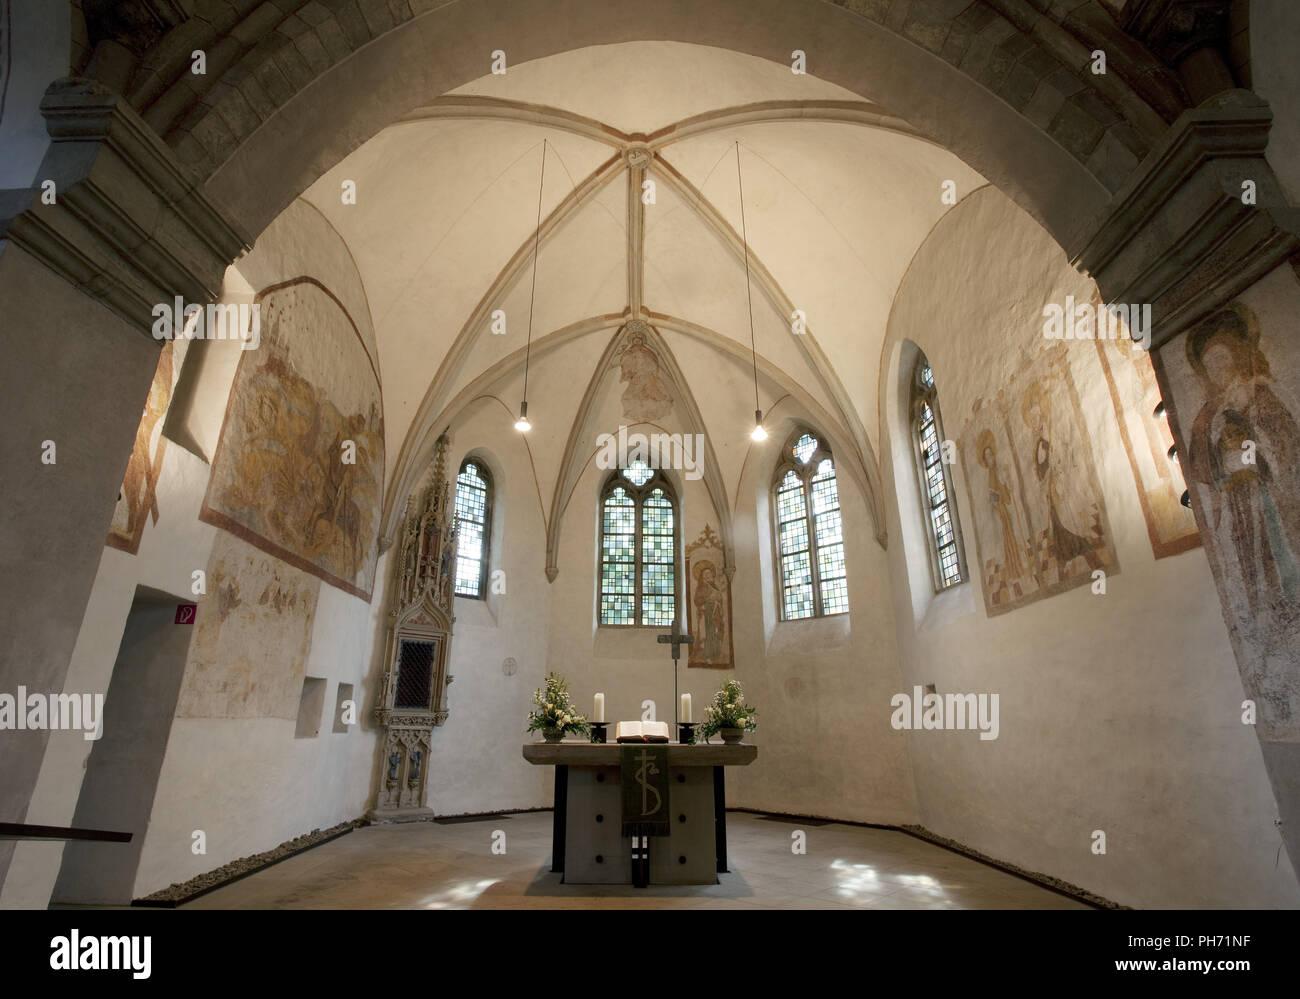 La iglesia del pueblo Stiepeler en Bochum, en Alemania. Foto de stock